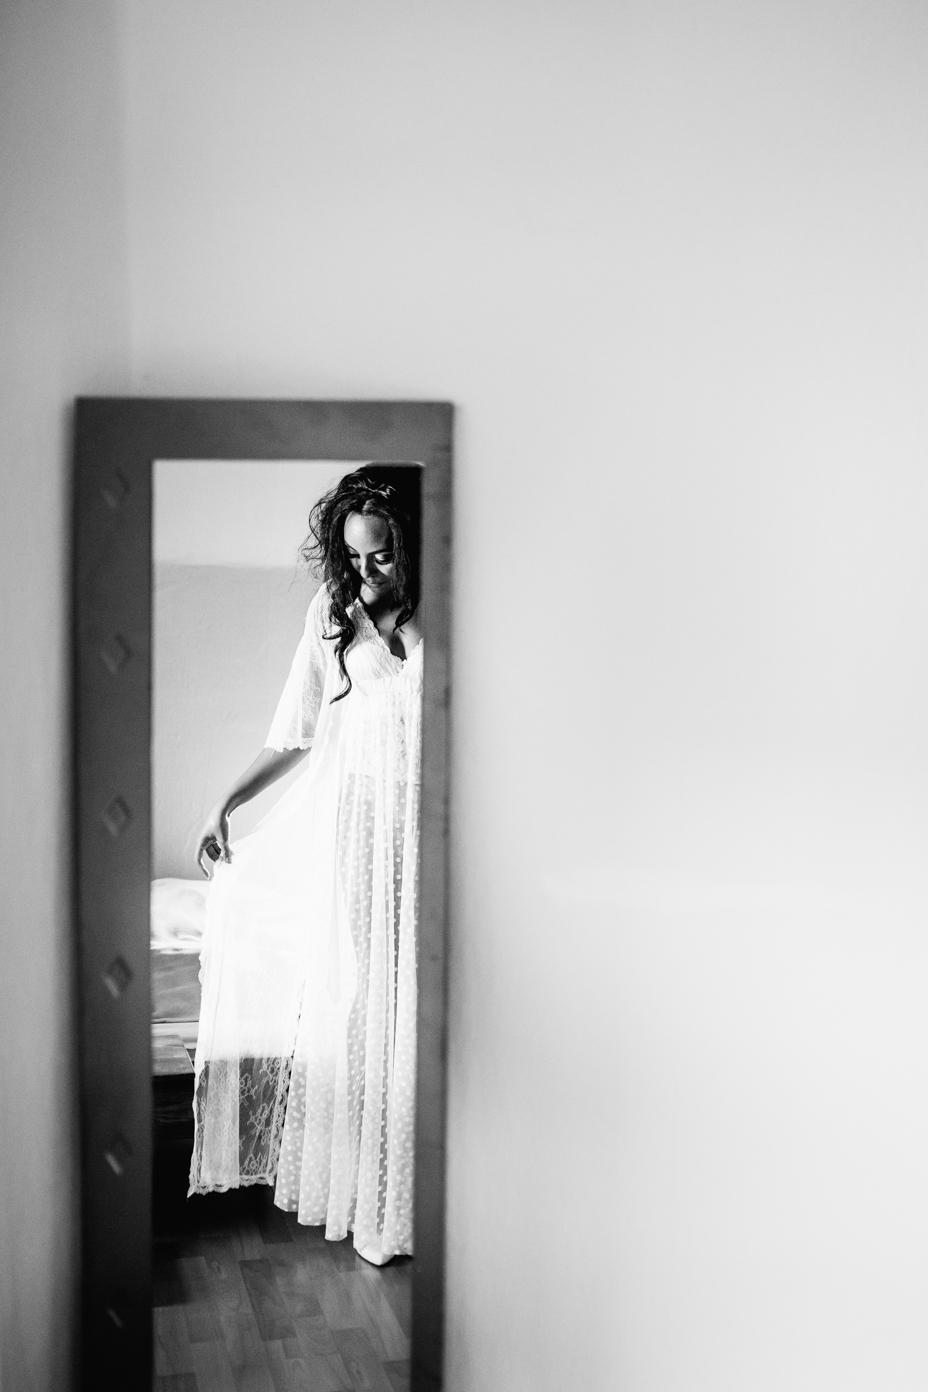 Hochzeitsfotograf-Kassel-Orangerie-Inka Englisch Photography-Hochzeitsreportage-Aue-Wedding-Photographer-Lifestyle-Storytelling-9